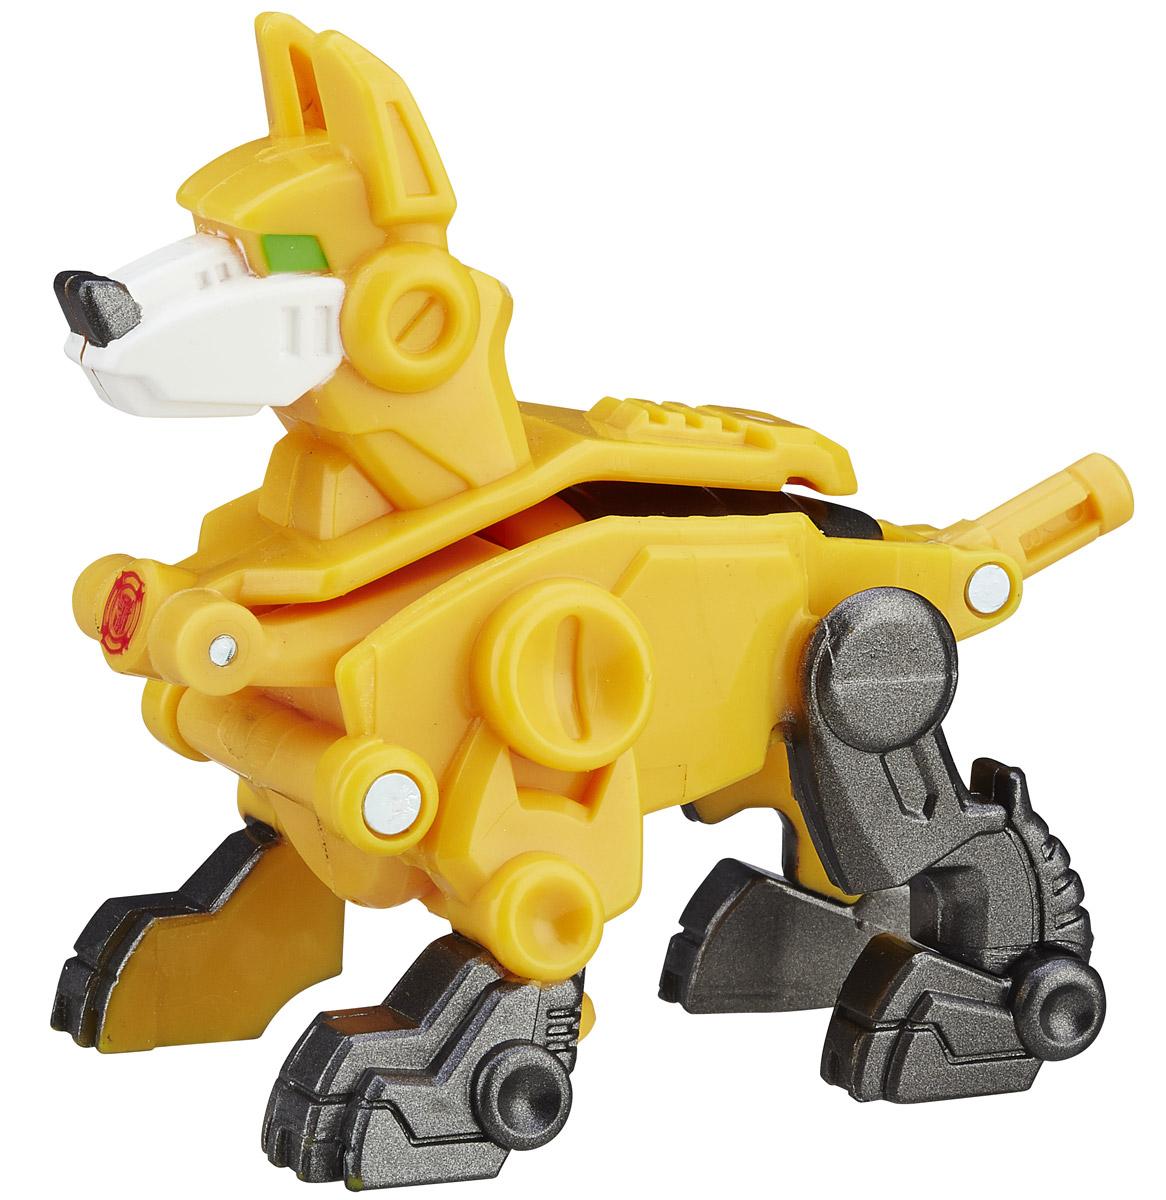 Playskool Heroes Трансформер ServoB4954EU4Трансформер Playskool Heroes Servo станет отличным подарком каждому поклоннику вселенной трансформеров. Игрушка выполнена в виде героя мультсериала Трансформеры. Роботы-спасатели Servo. Игрушка имеет две формы: собаки и бура. Трансформирование осуществляется в два шага. Соберите всю коллекцию роботов-спасателей!